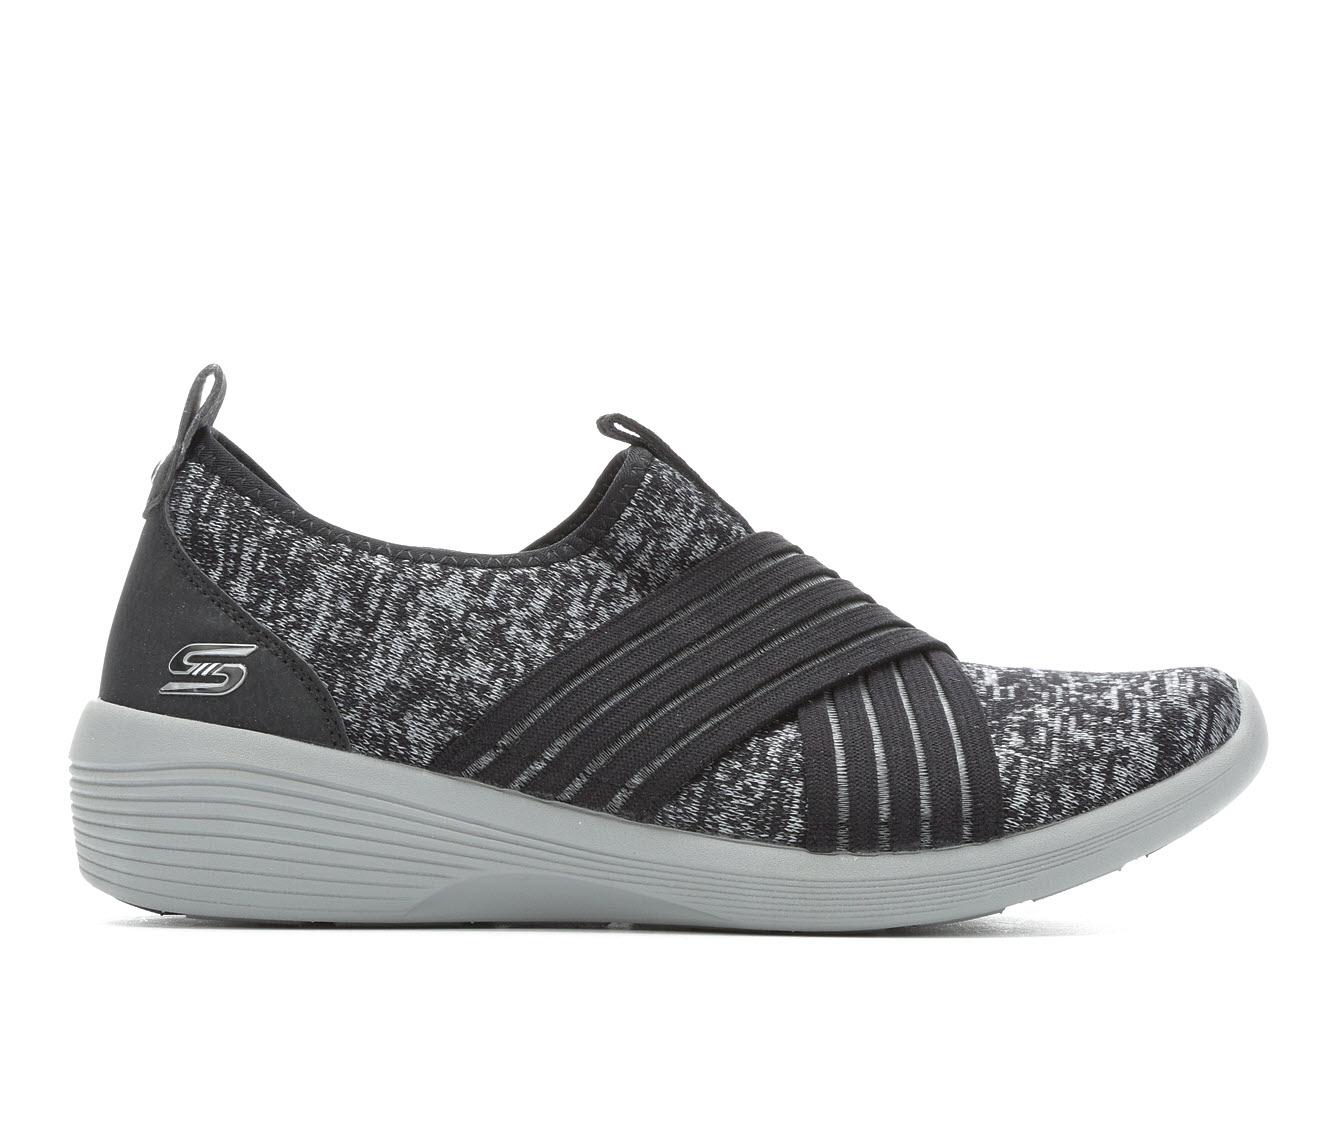 Skechers Crossfire 23764 Women's Shoe (Black Canvas)